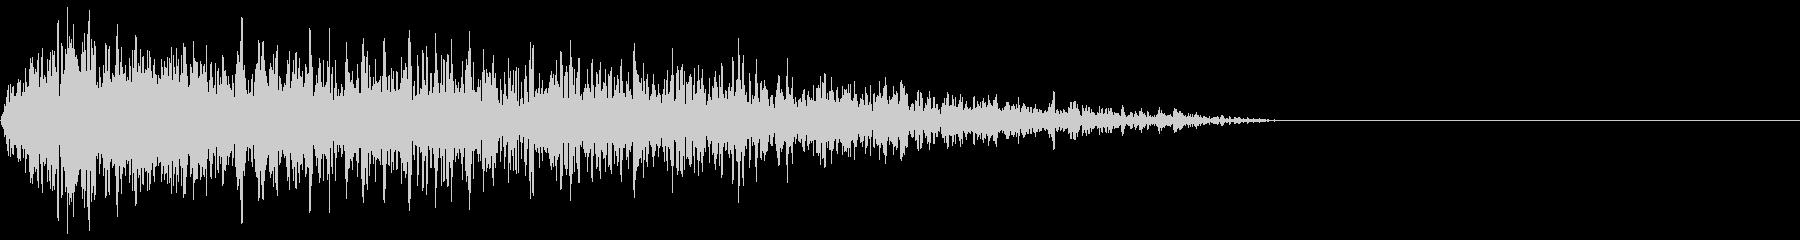 短い過酷な歪んだノイズバースト1の未再生の波形